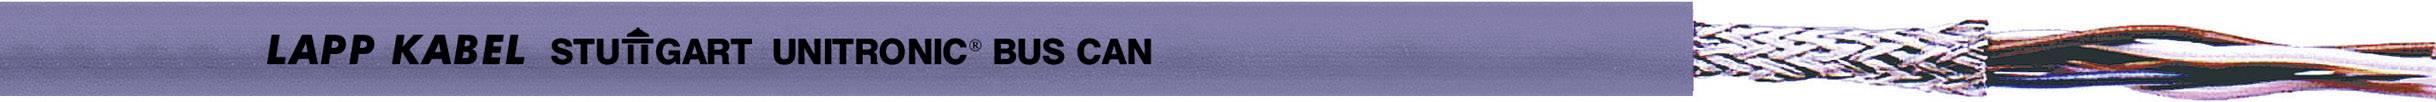 Zbernicový kábel LappKabel UNITRONIC® BUS 2170264, vnější Ø 8.50 mm, fialová, metrový tovar